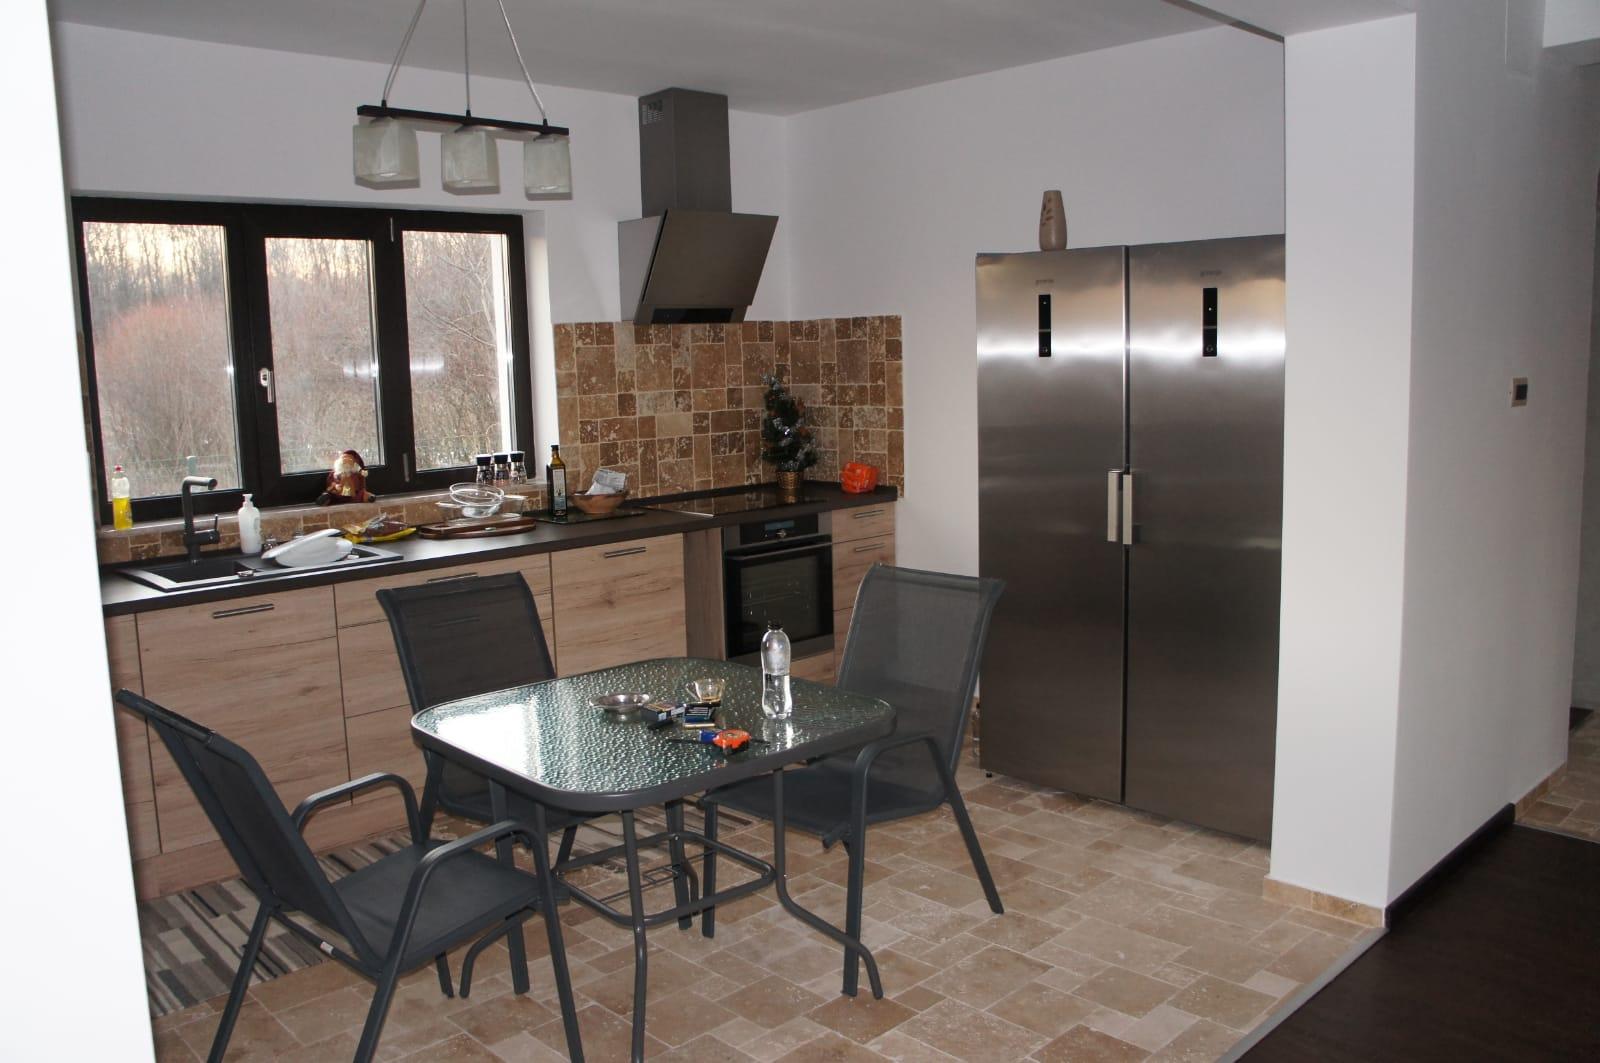 Referință - Bucătărie modernă Nobilia Riva - Stejar Sanremo / Gri ardezie